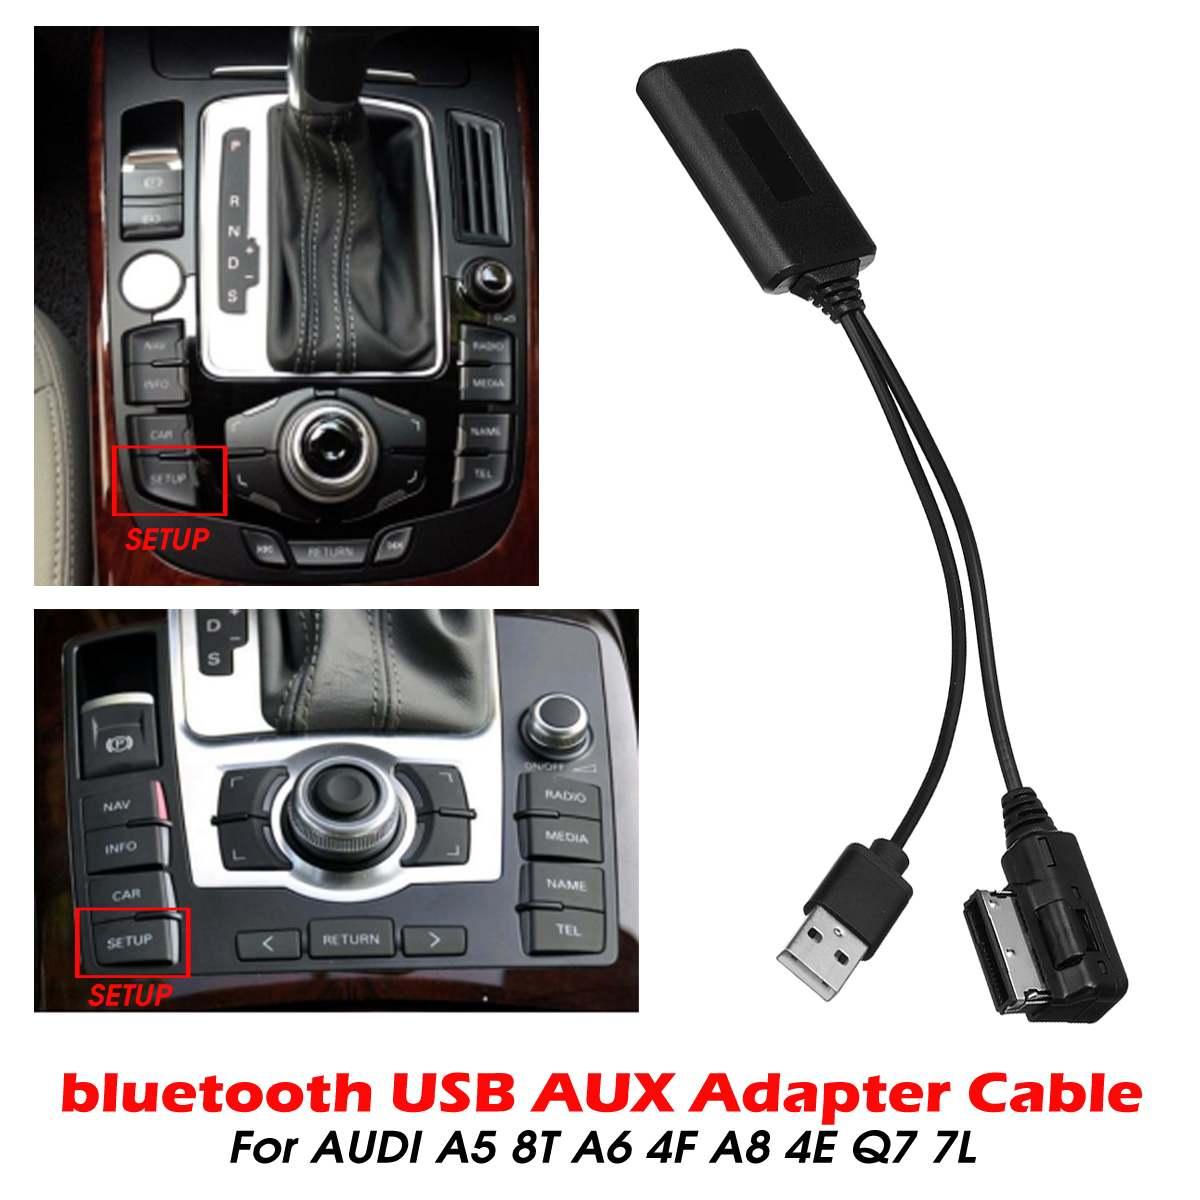 Mini sans fil bluetooth USB AUX dans le câble adaptateur musique Audio récepteur adaptateur pour AUDI A5 8T A6 4F A8 4E Q7 7L pour AMI MMI 2G